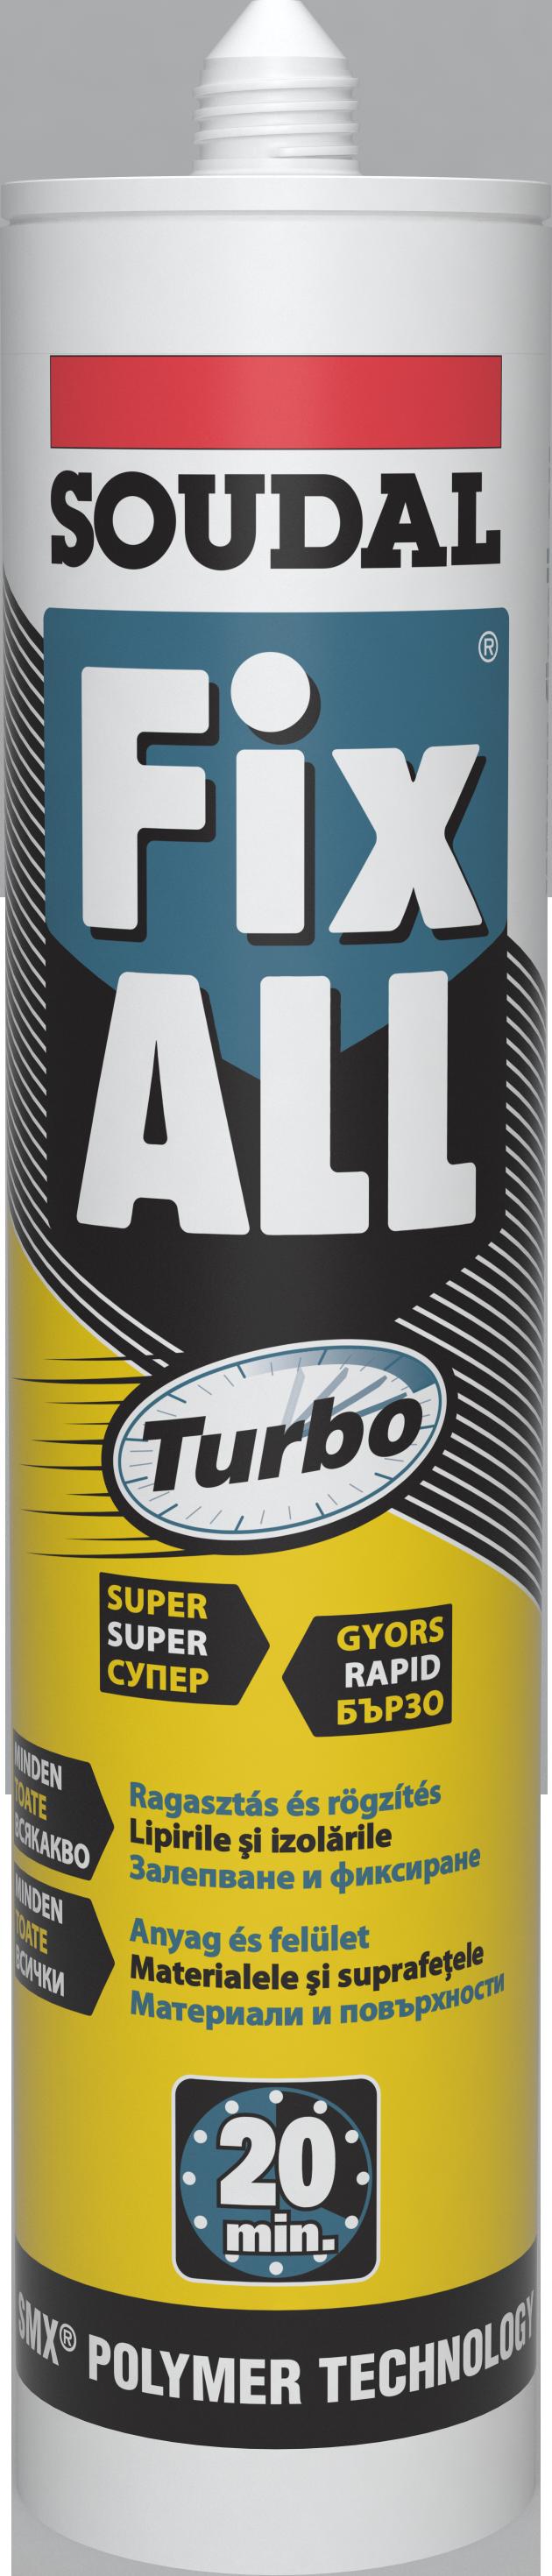 Fix ALL TURBO